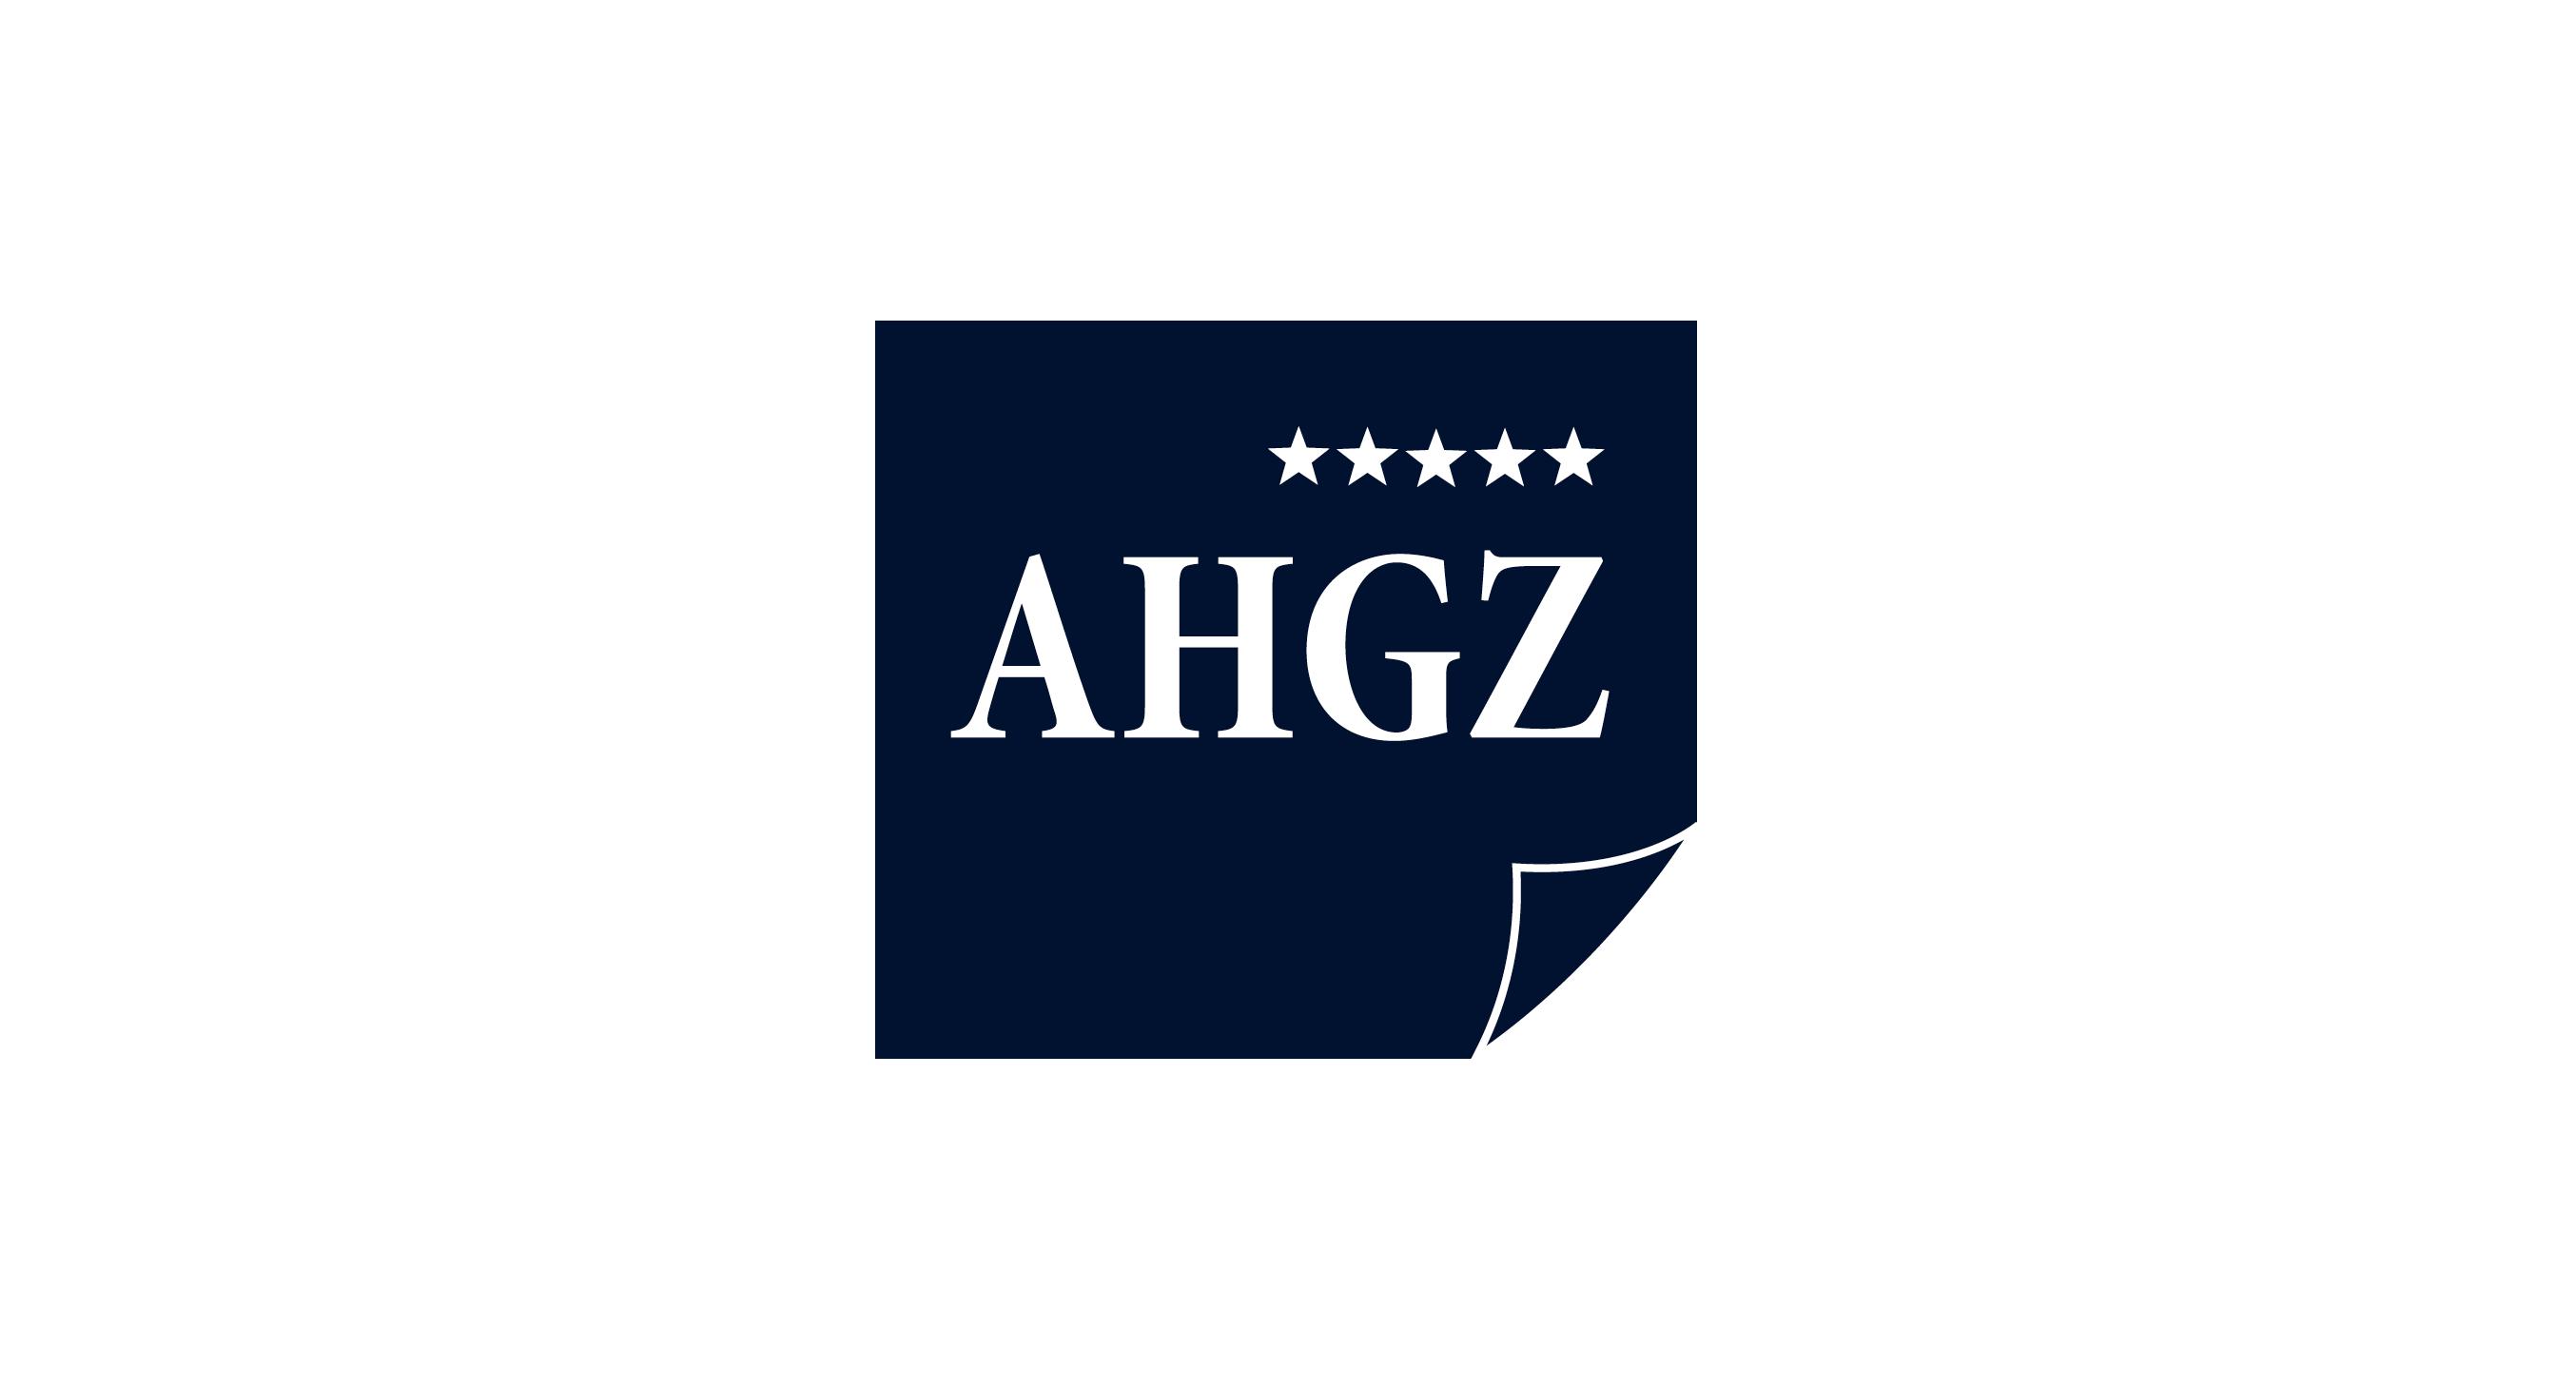 AHGZ logo blue